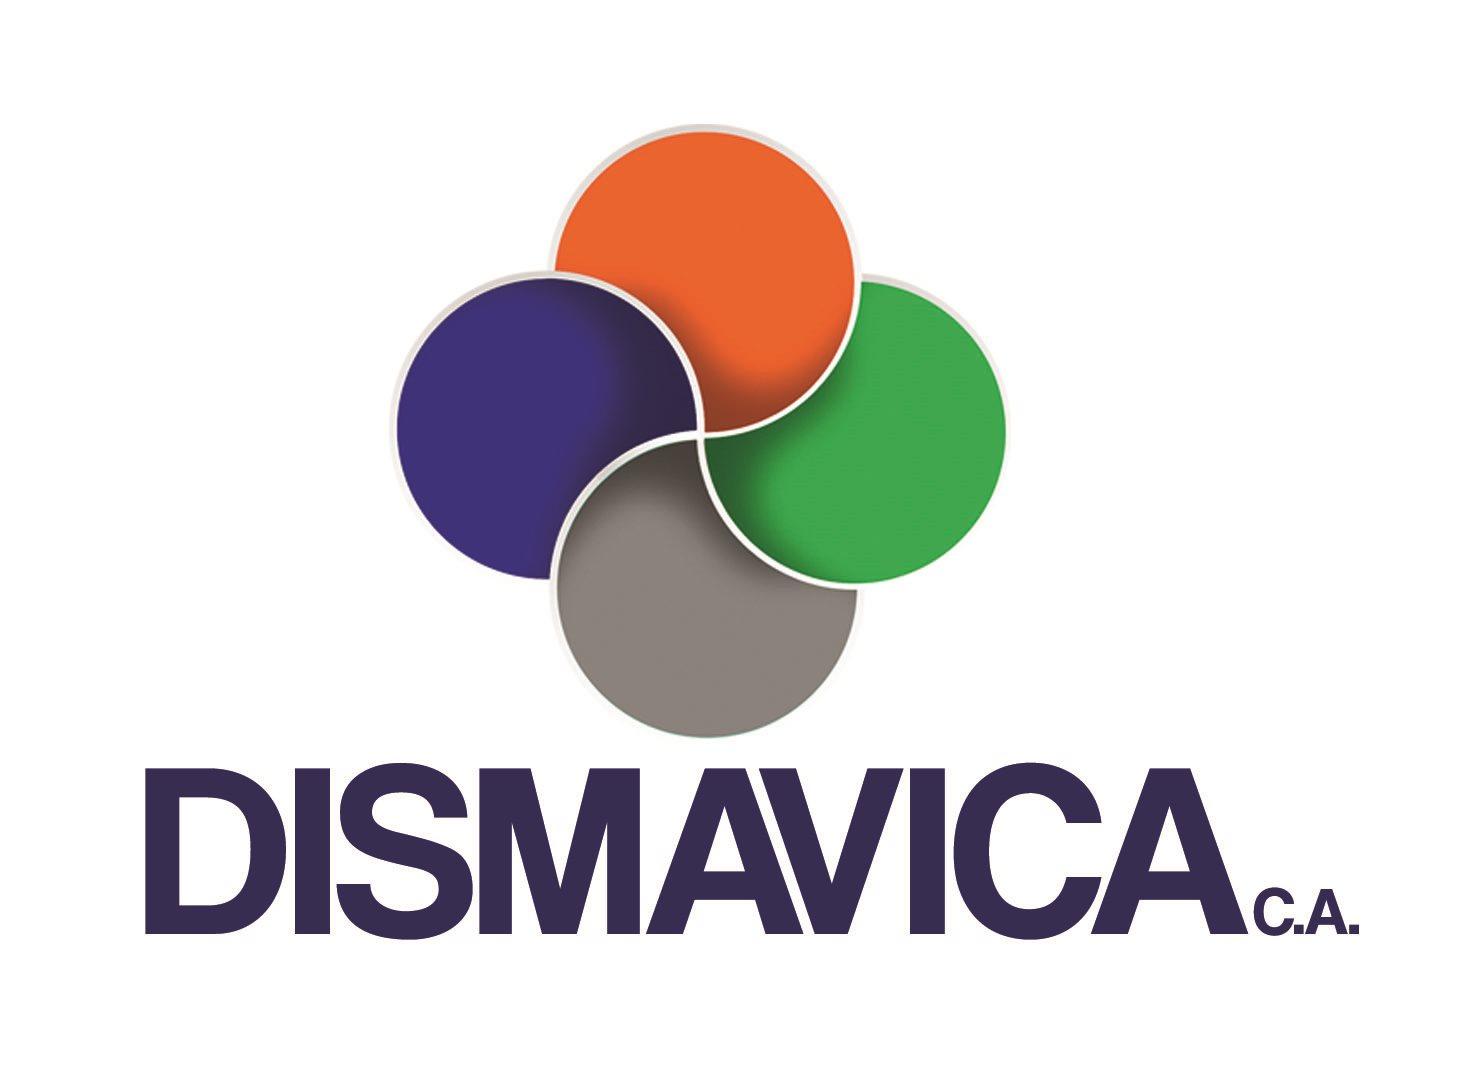 Dismavica, C.A.